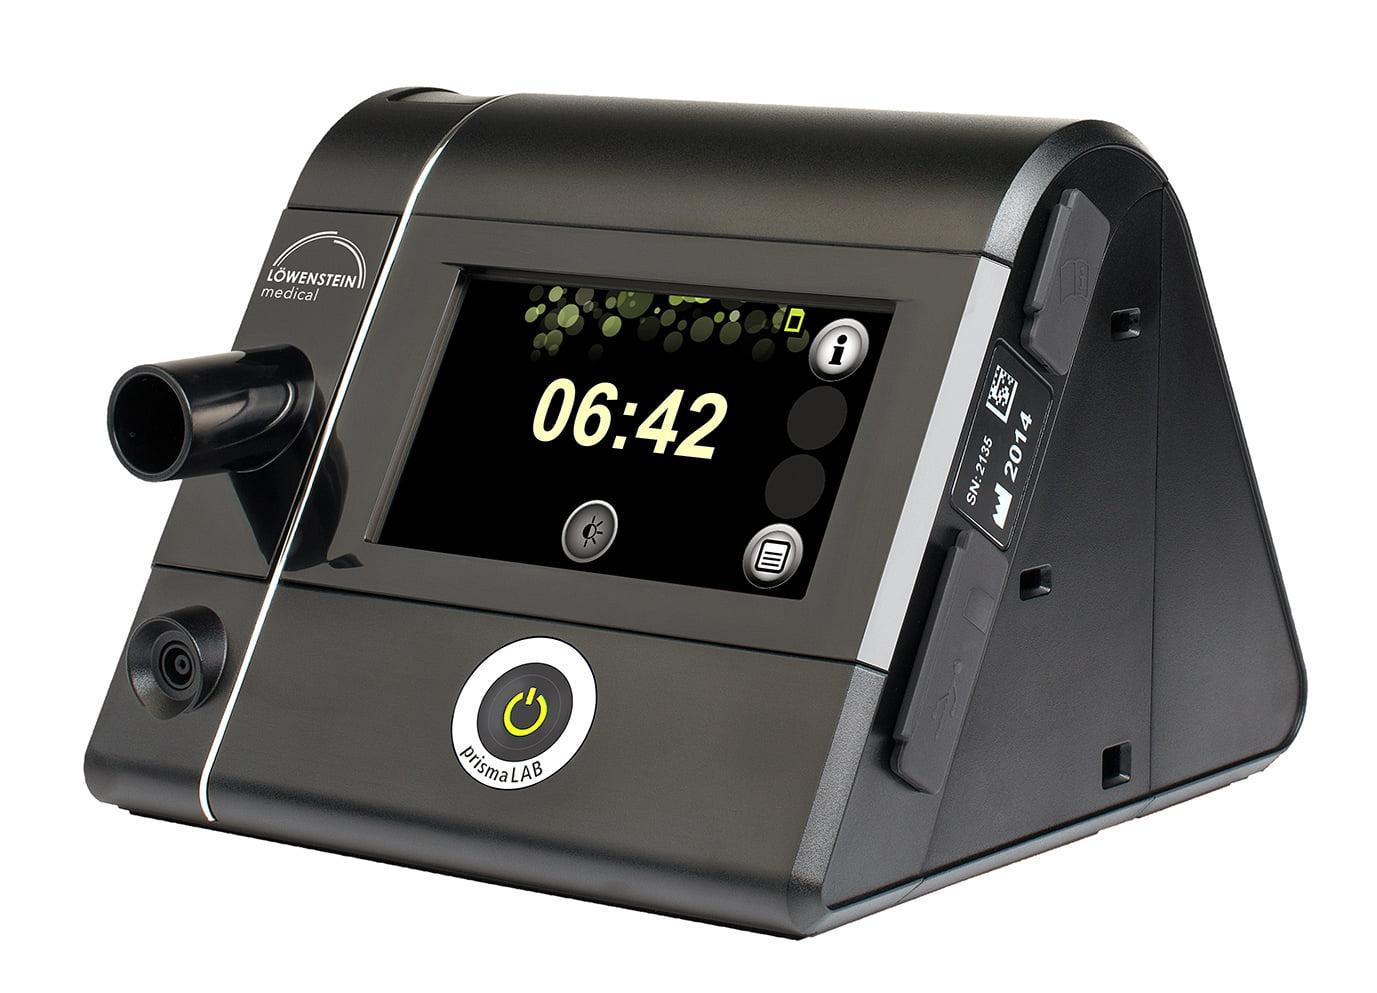 Аппарат для титрации prismaLAB предлагает пользователю интуитивно понятное управление и простую настройку терапевтических параметров.